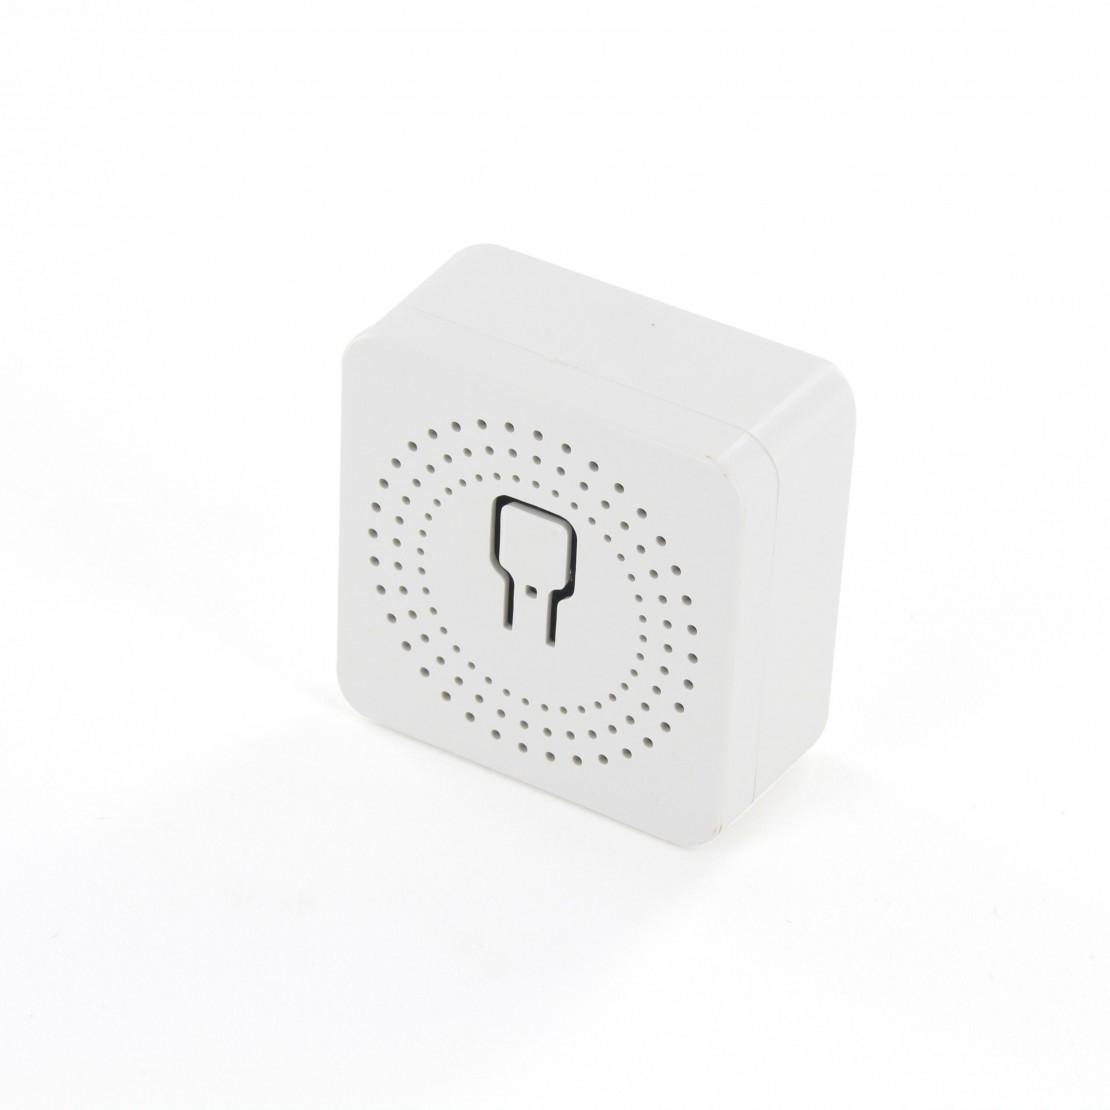 Microverlichtingsmodule -schakelaarDiO 2.0